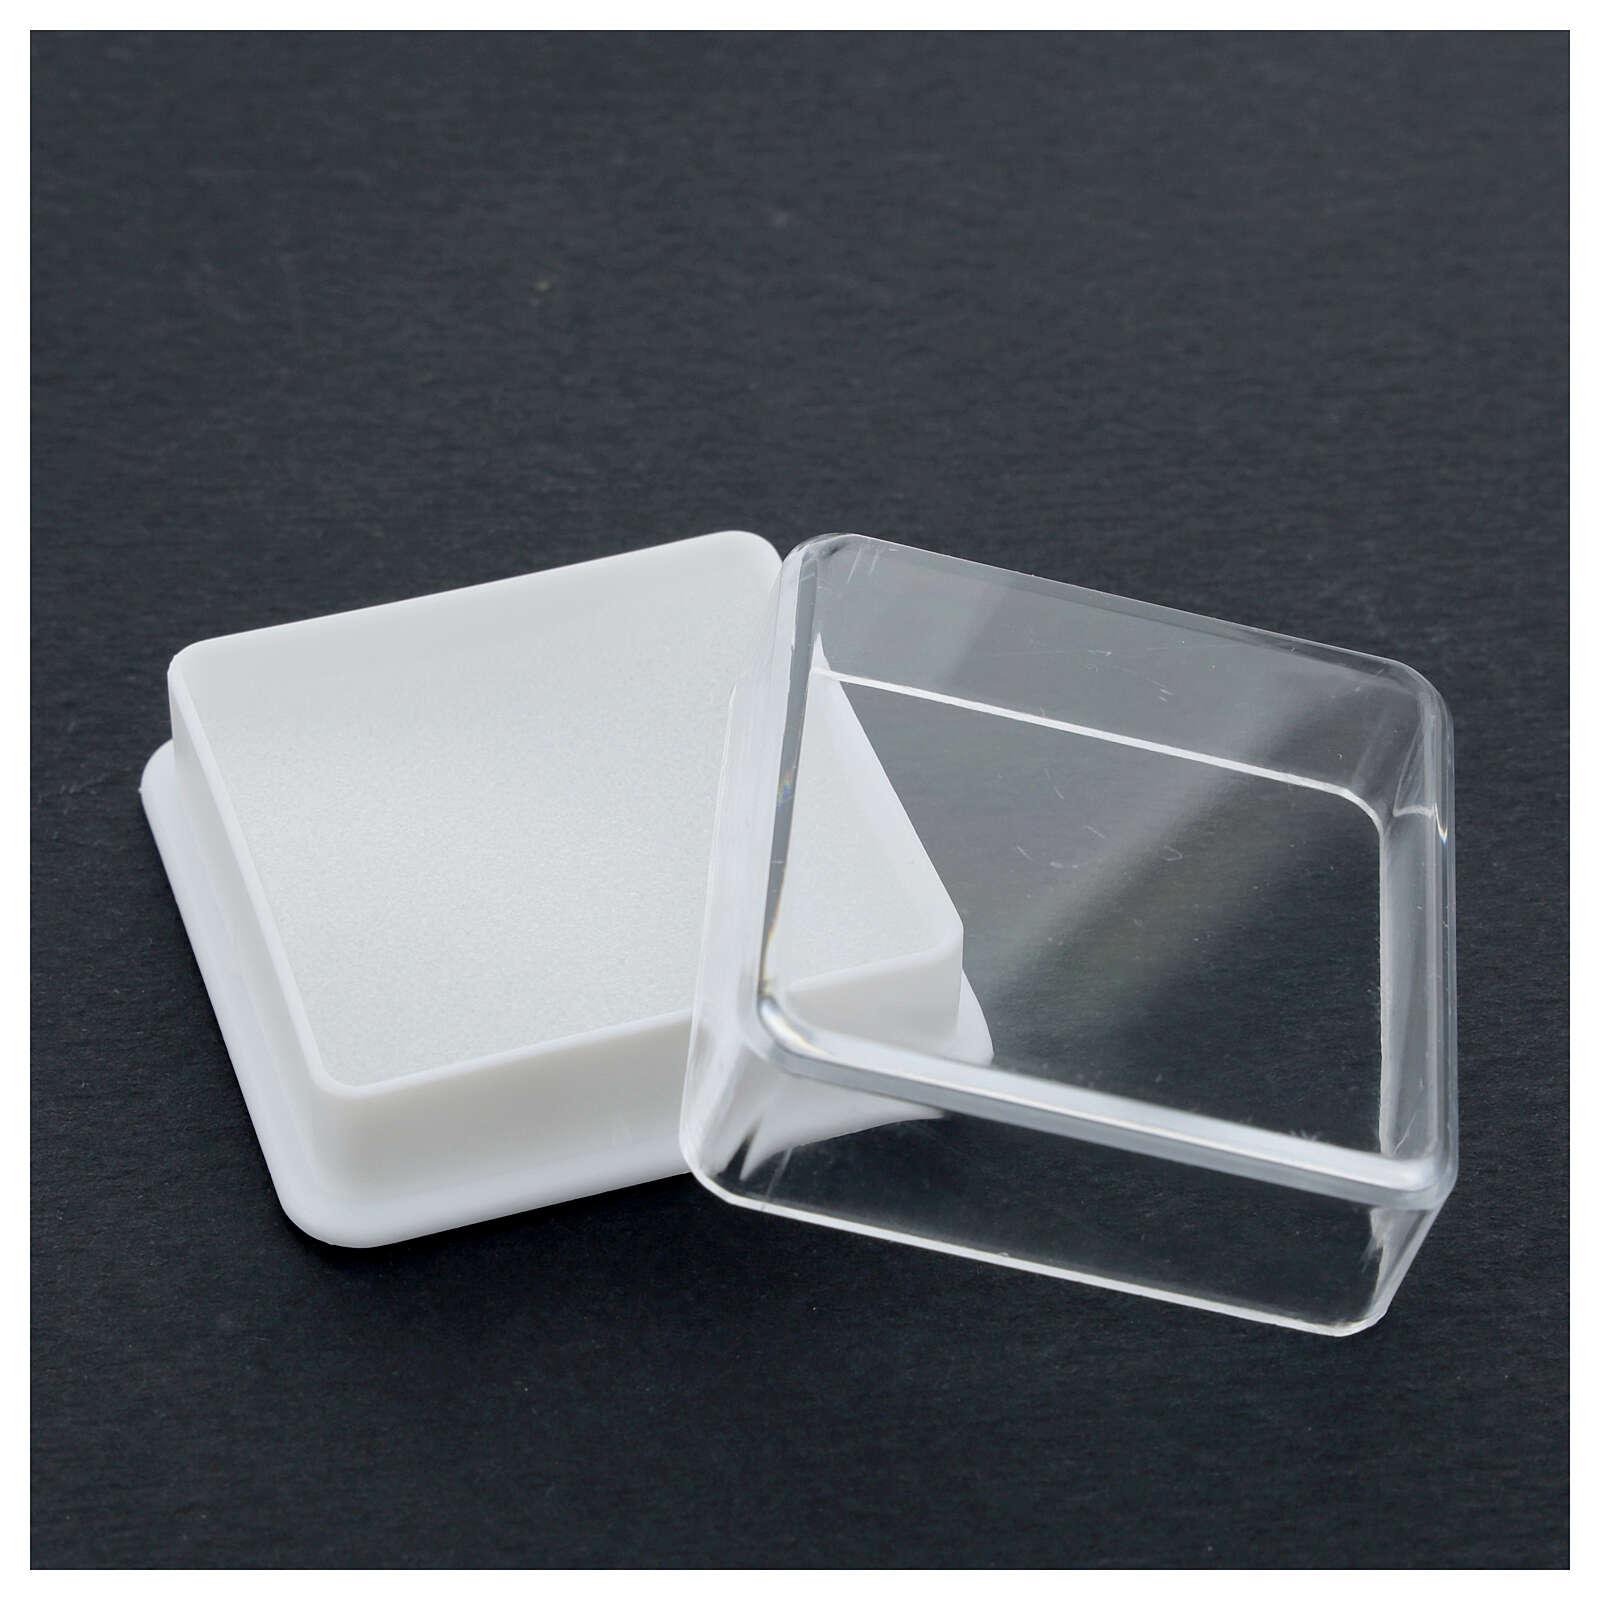 Étui à chapelet boîte carrée 5x5 cm 4